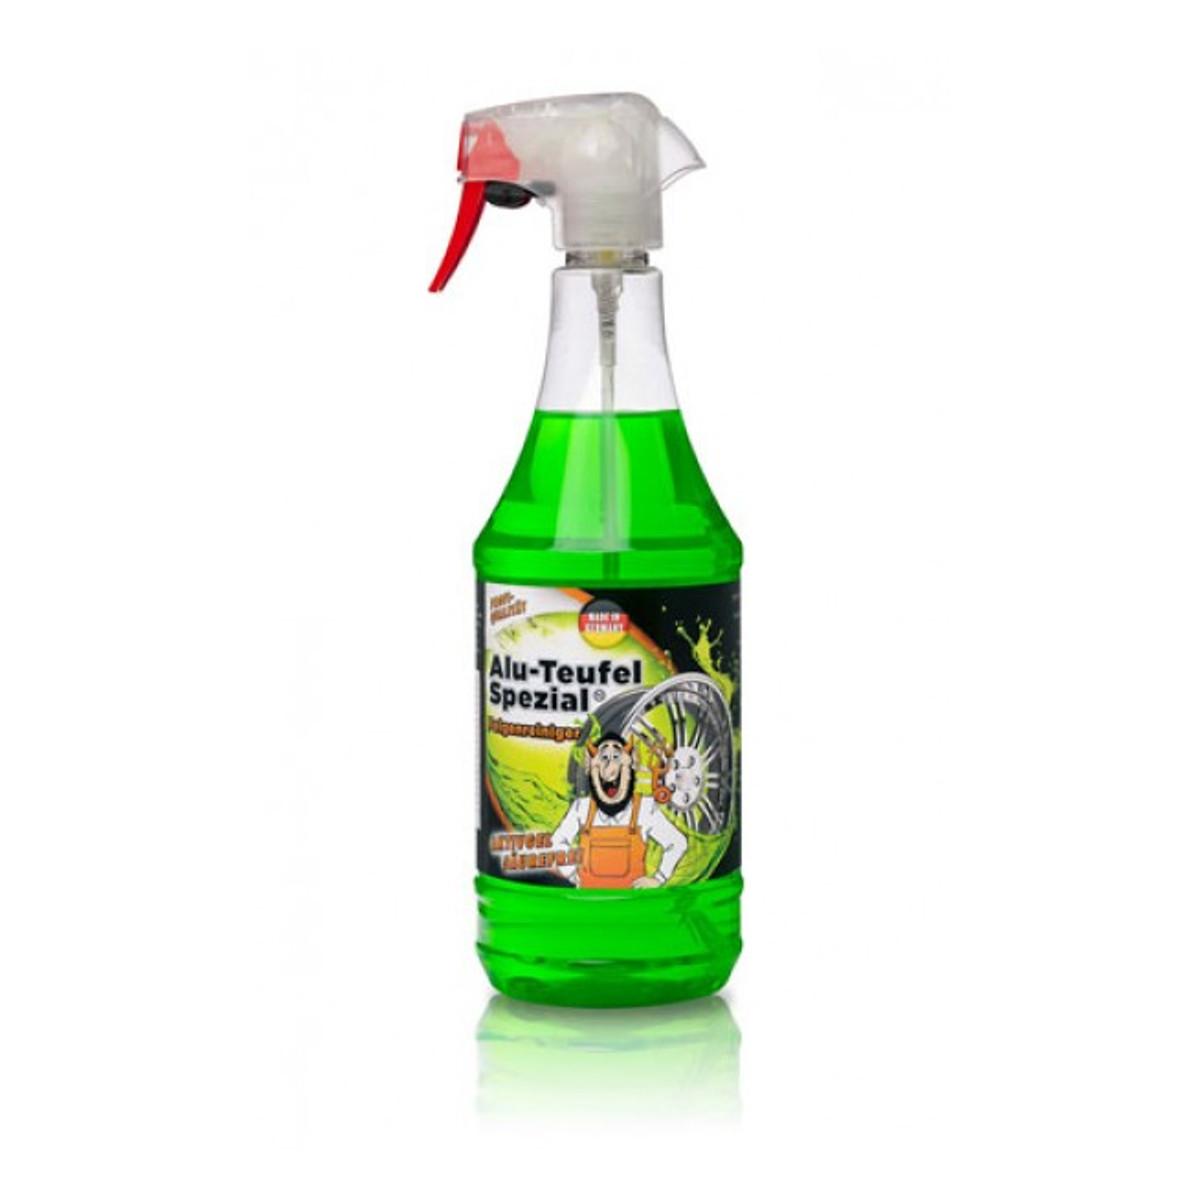 Tuga Chemie Alu-Teufel Spezial Grün